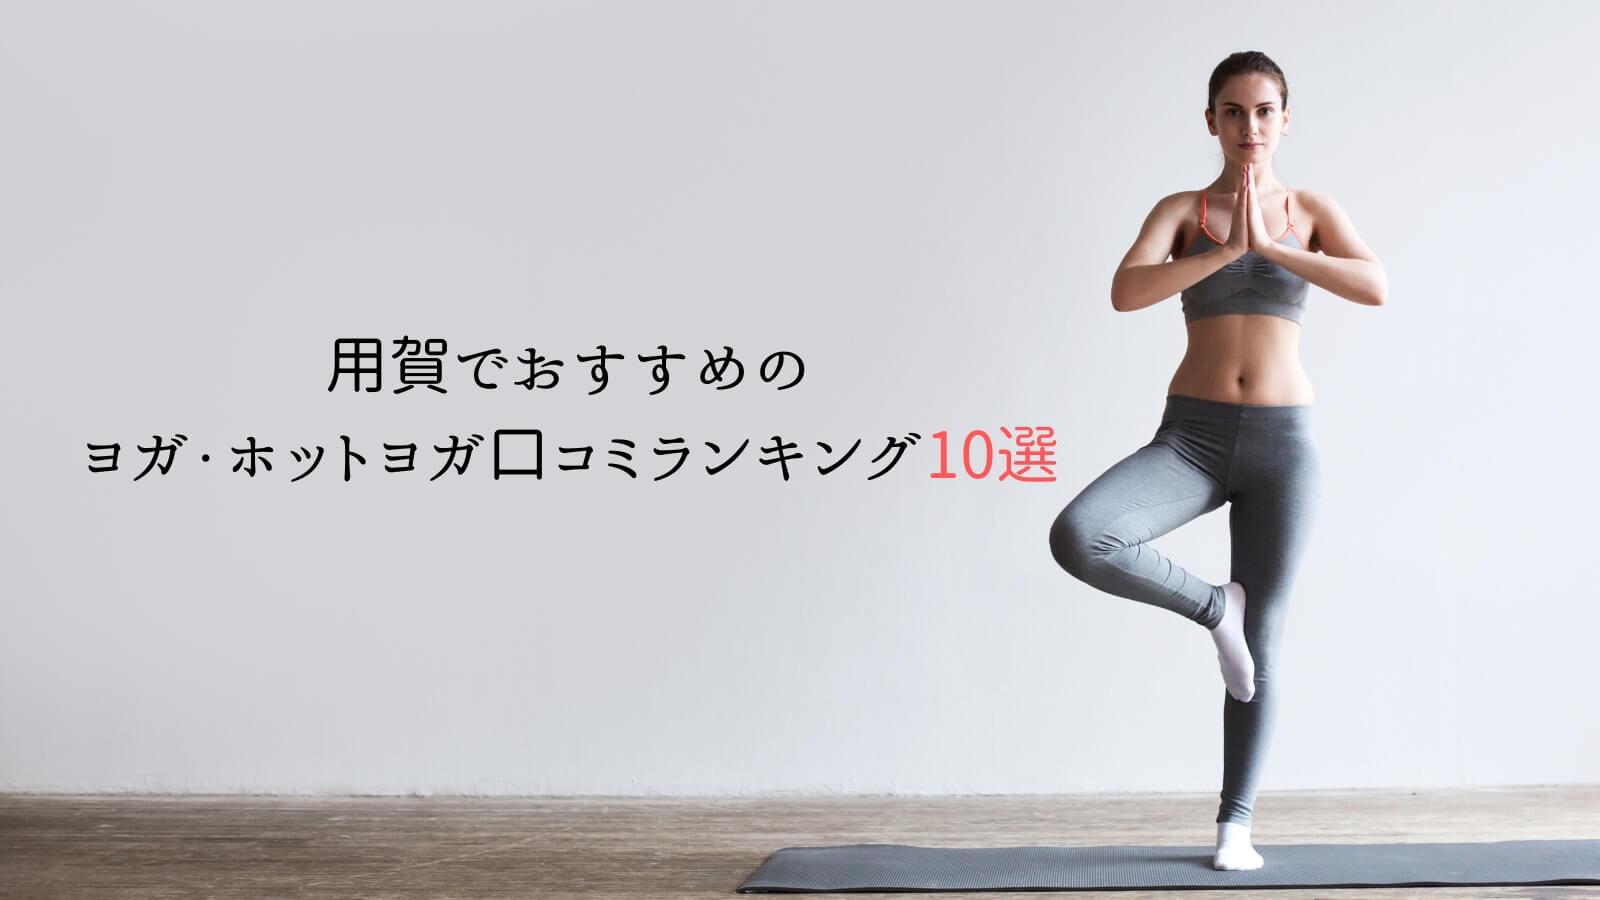 用賀でおすすめのヨガ・ホットヨガスタジオ口コミランキング10選